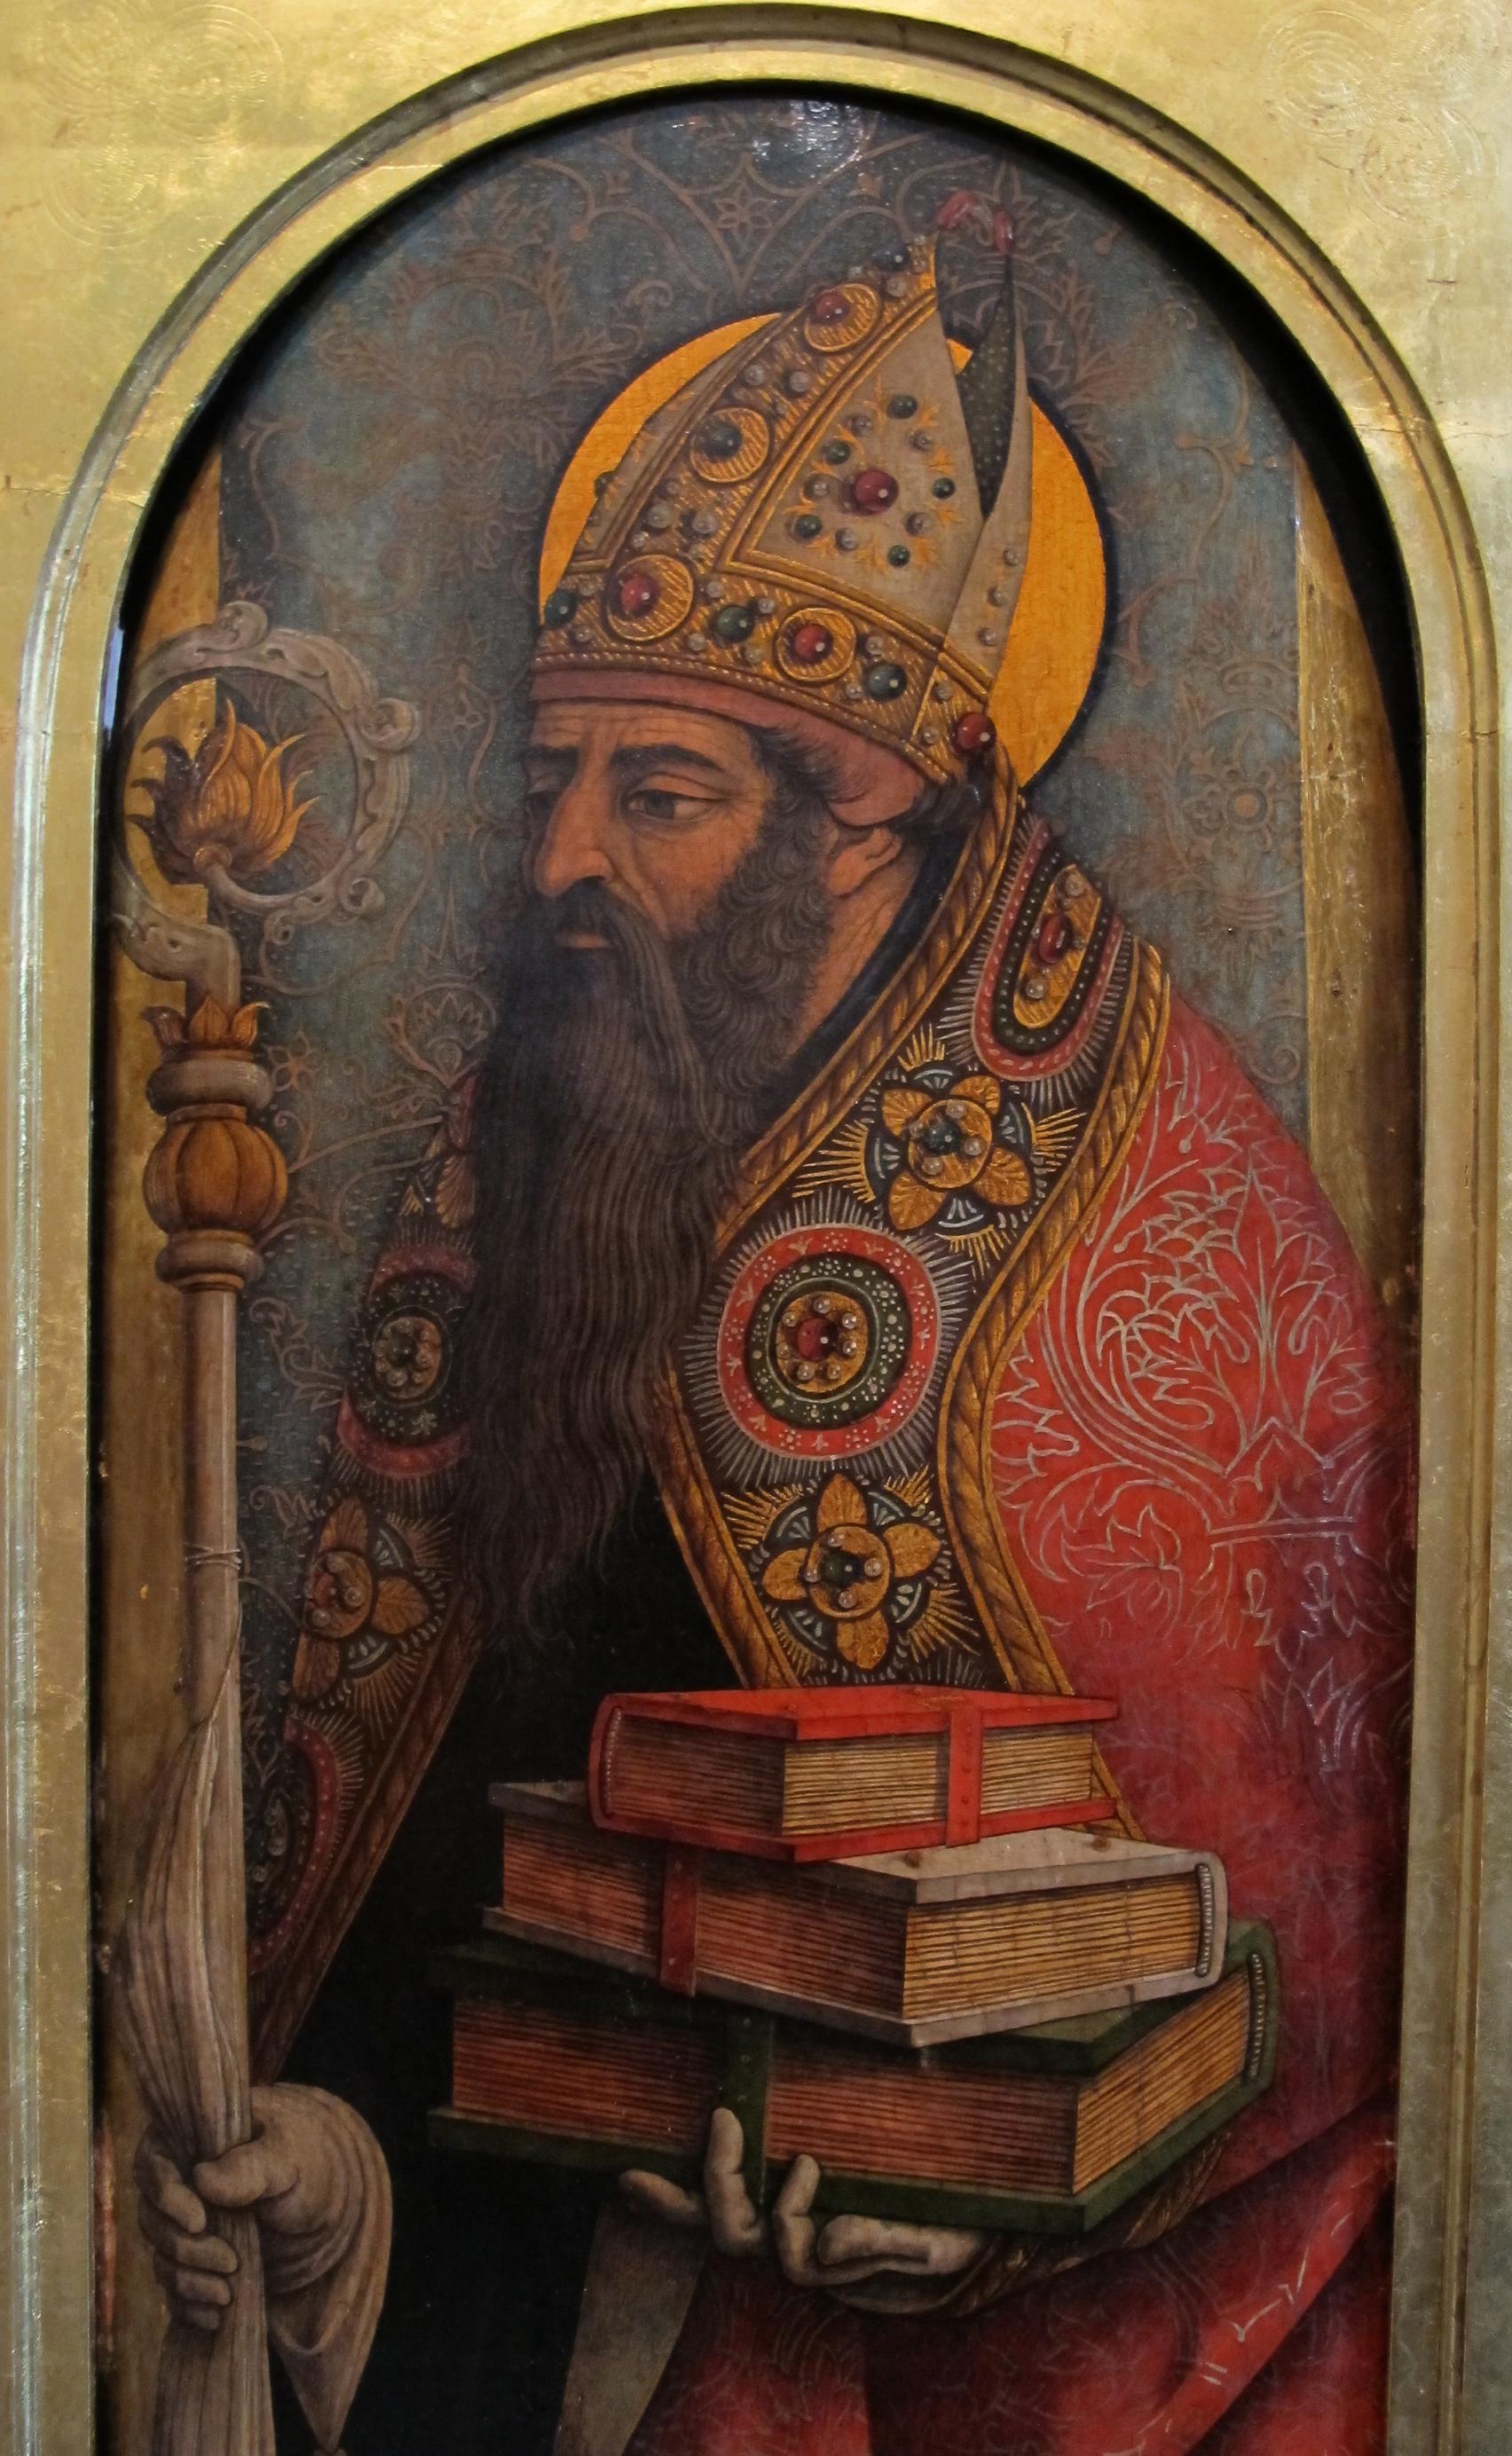 File:Carlo crivelli, sant'agostino, 1487-88 ca. 02.